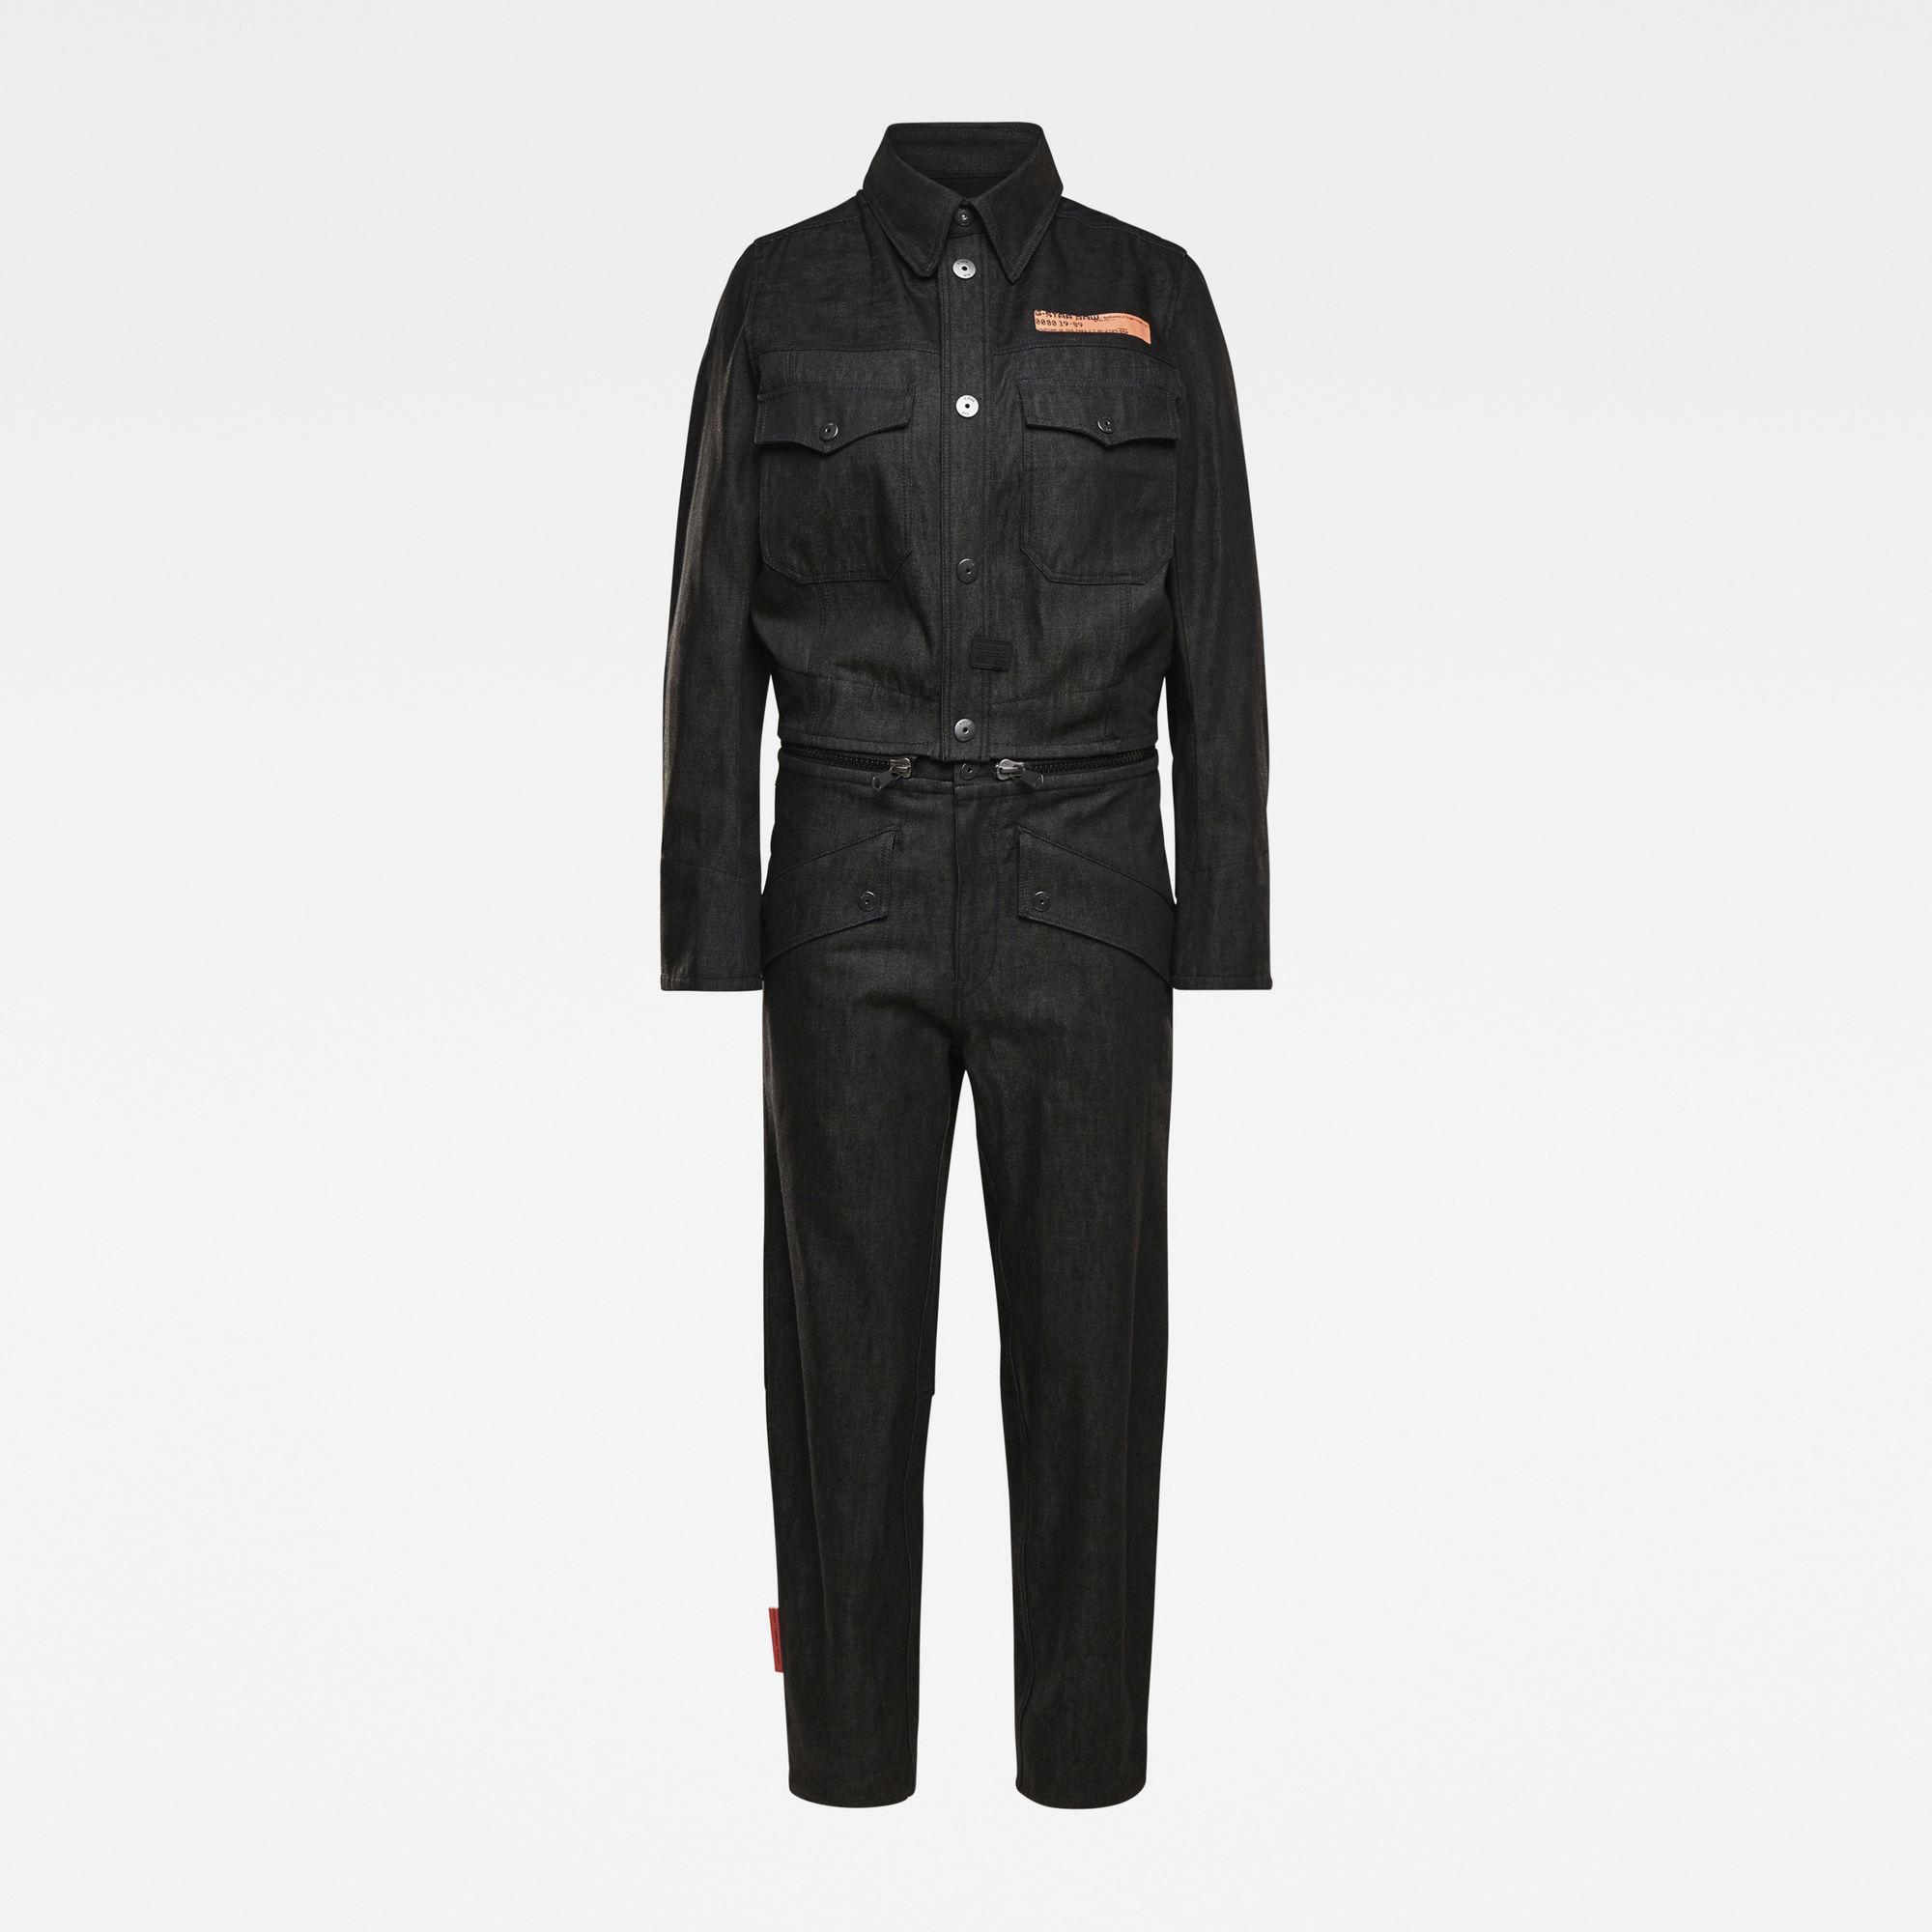 G-Star RAW Dames E Moto Uniform Jumpsuit Zwart